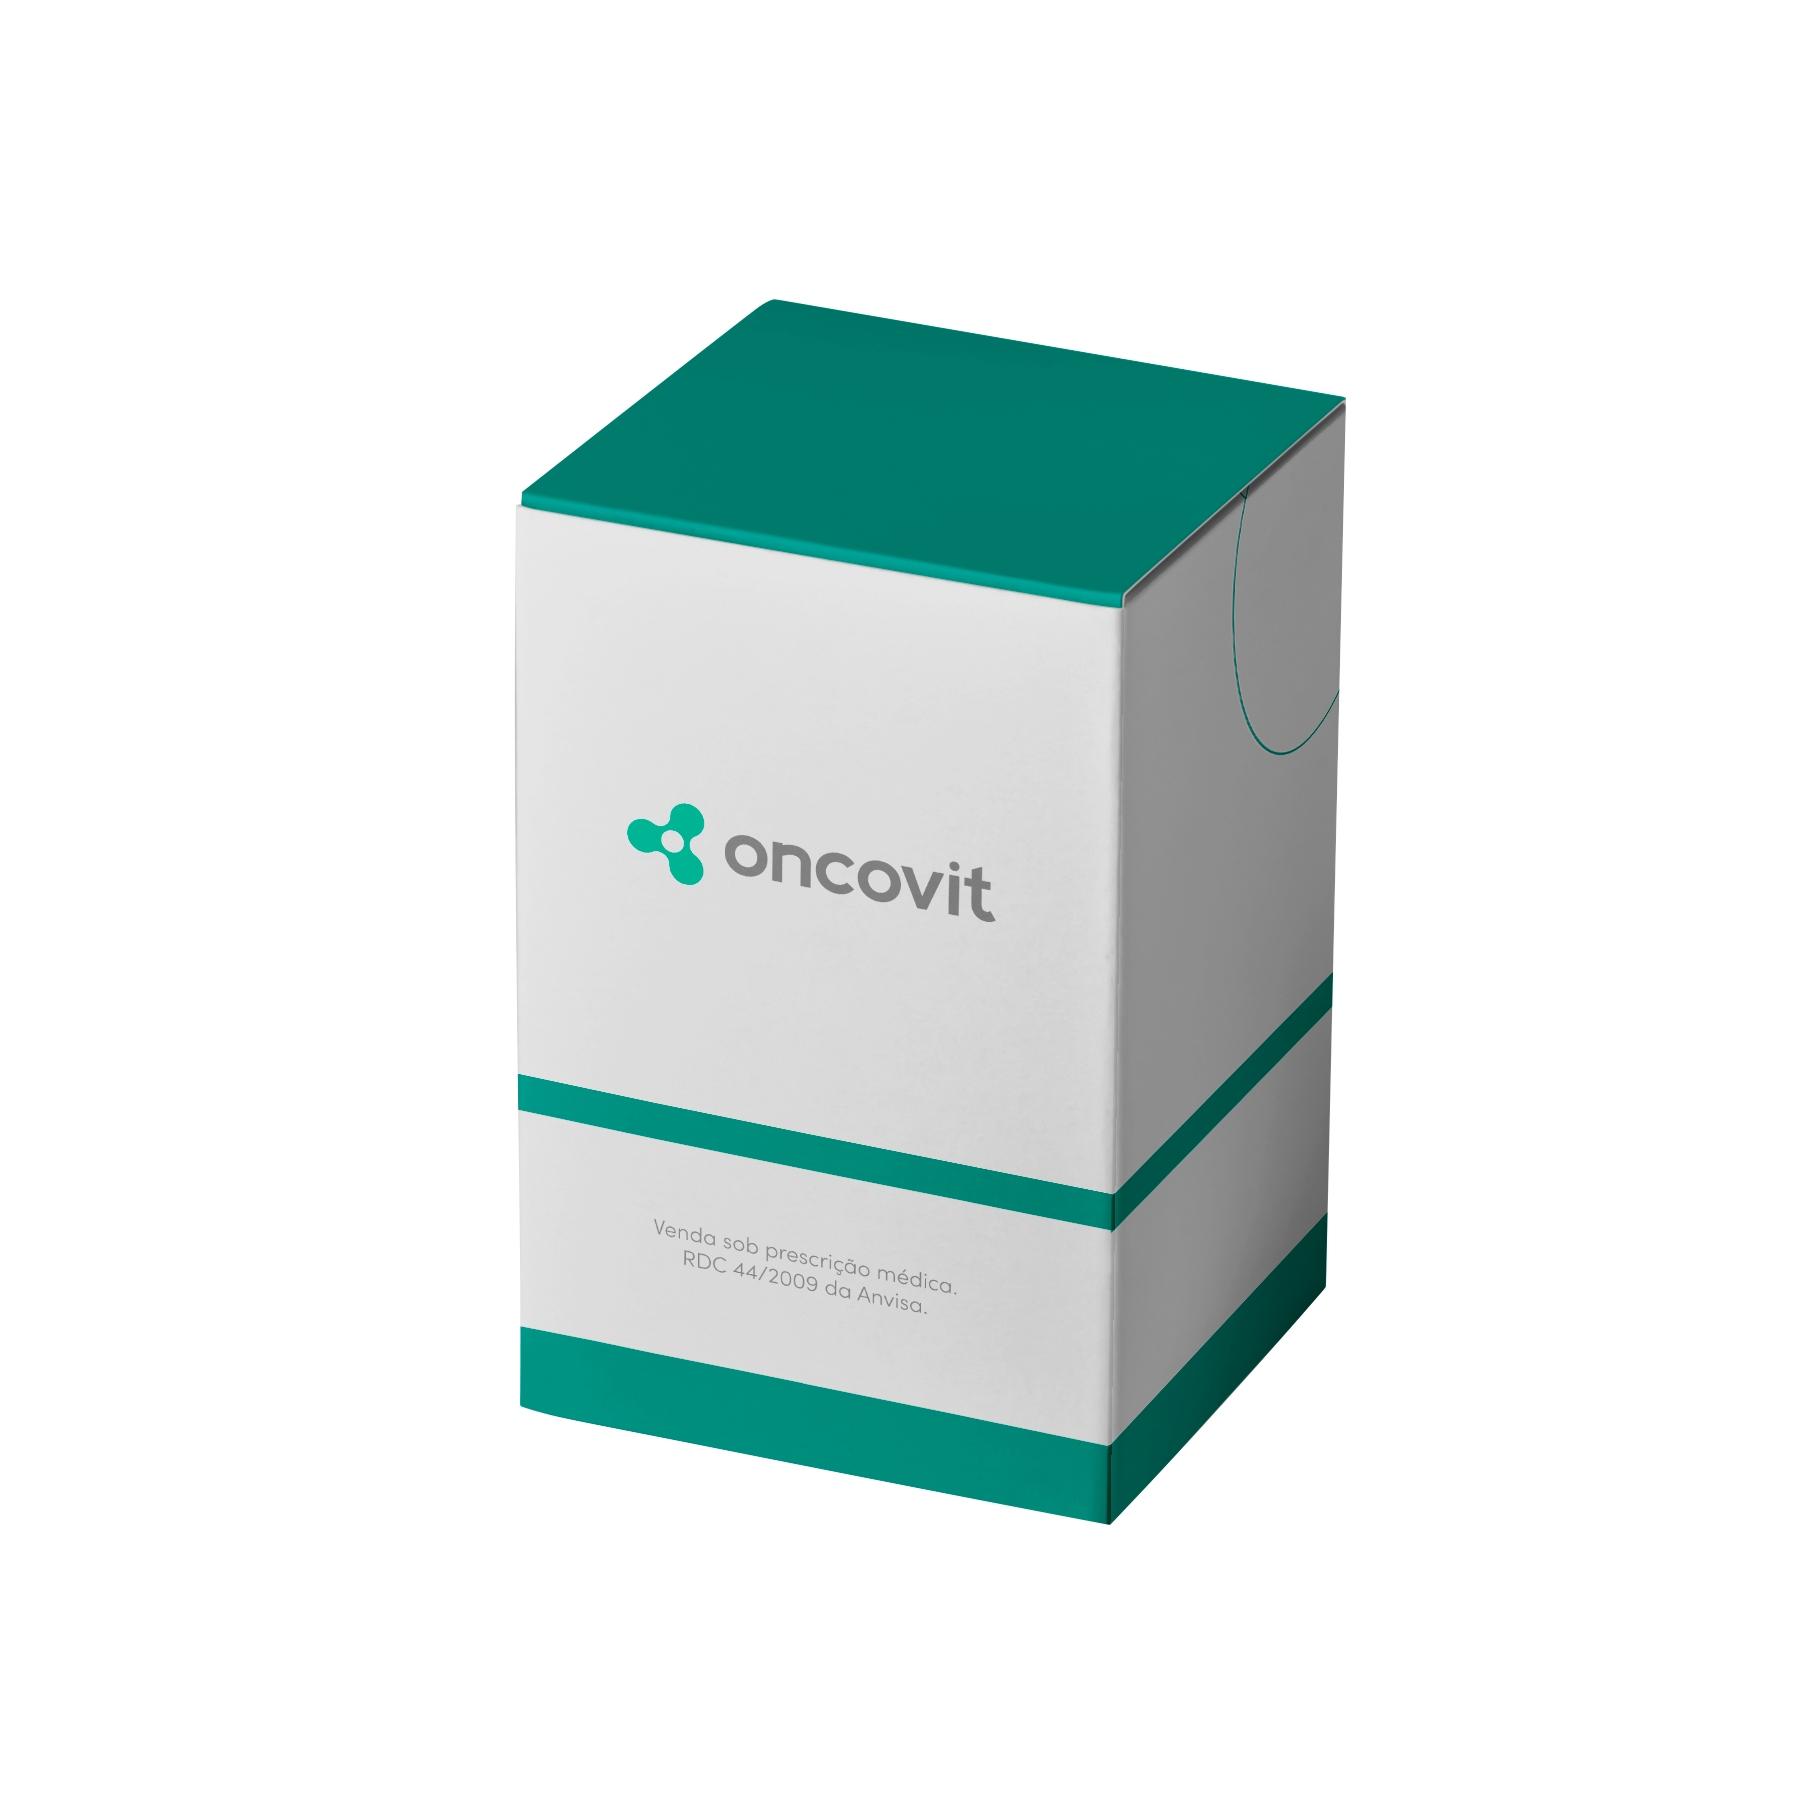 Alfaepoetina 4.000UI caixa com 1 frasco-ampola com 1mL de solução de uso intravenoso ou subcutâneo